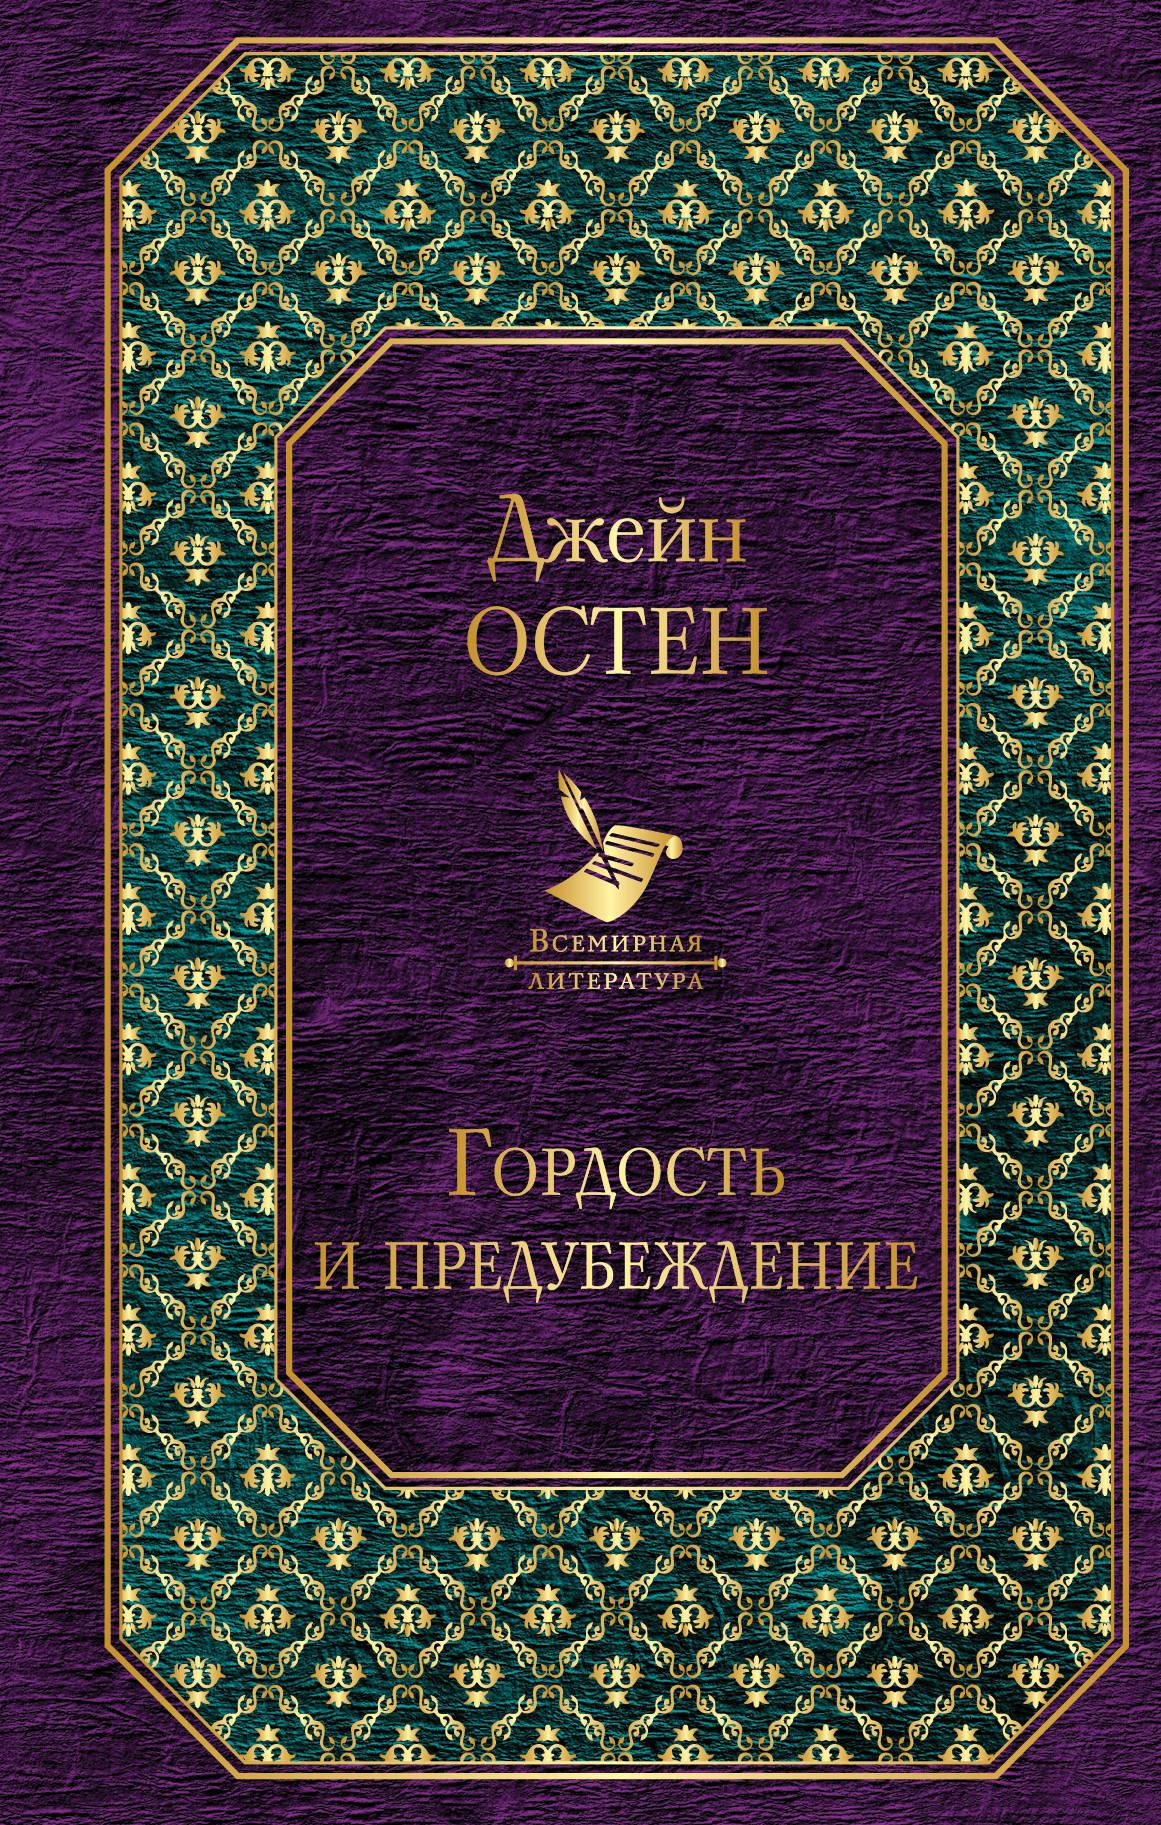 Первая леди английской литературы (2 романа Дж. Остен в одном комплекте: Гордость и предубеждение и Нортенгерское аббатство)